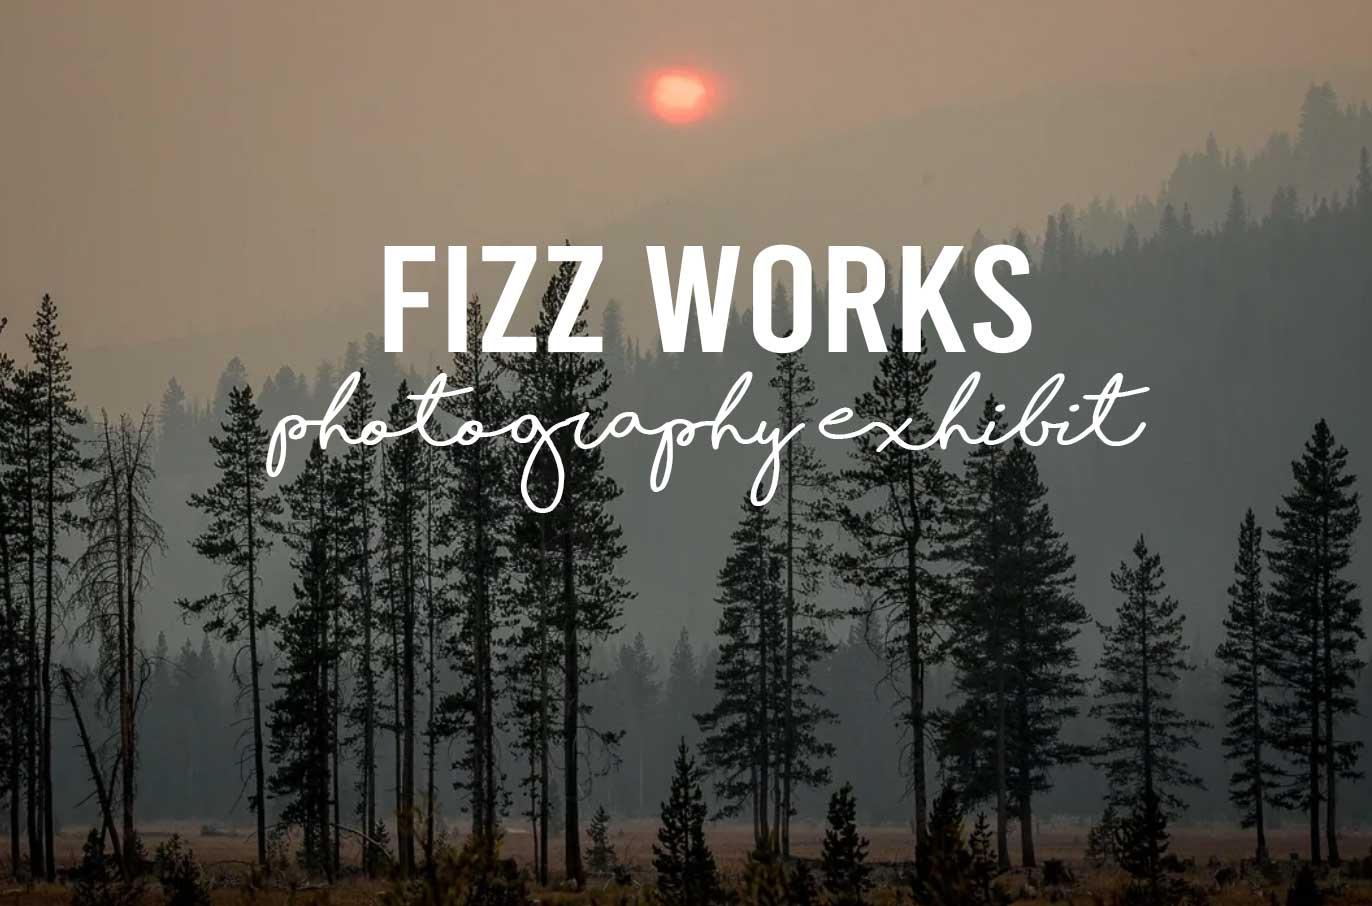 Landscape Photography Exhibit Featuring Fizz Works